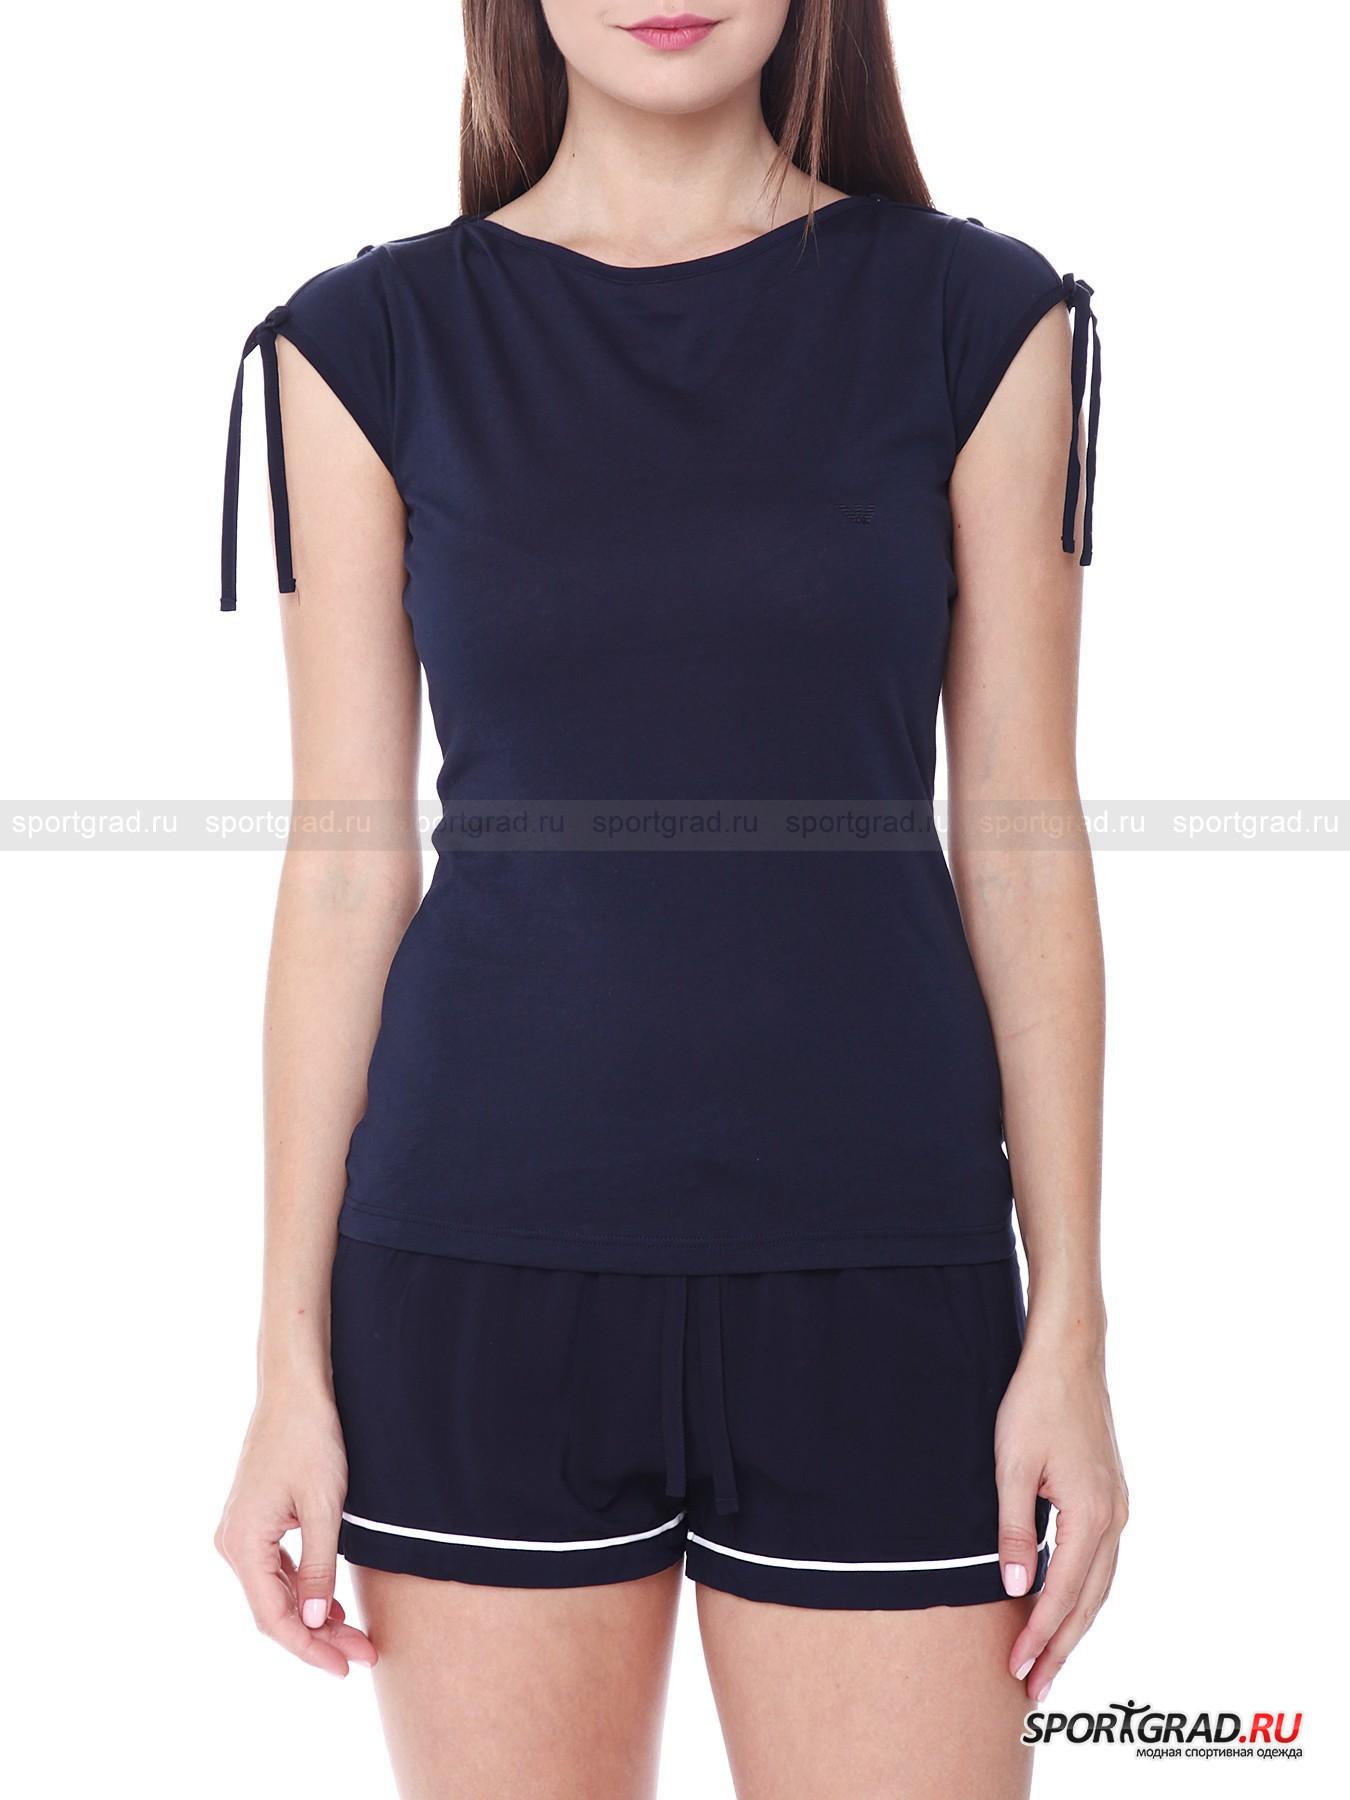 Костюм домашний для женщин Еmporio Armani Loungewear